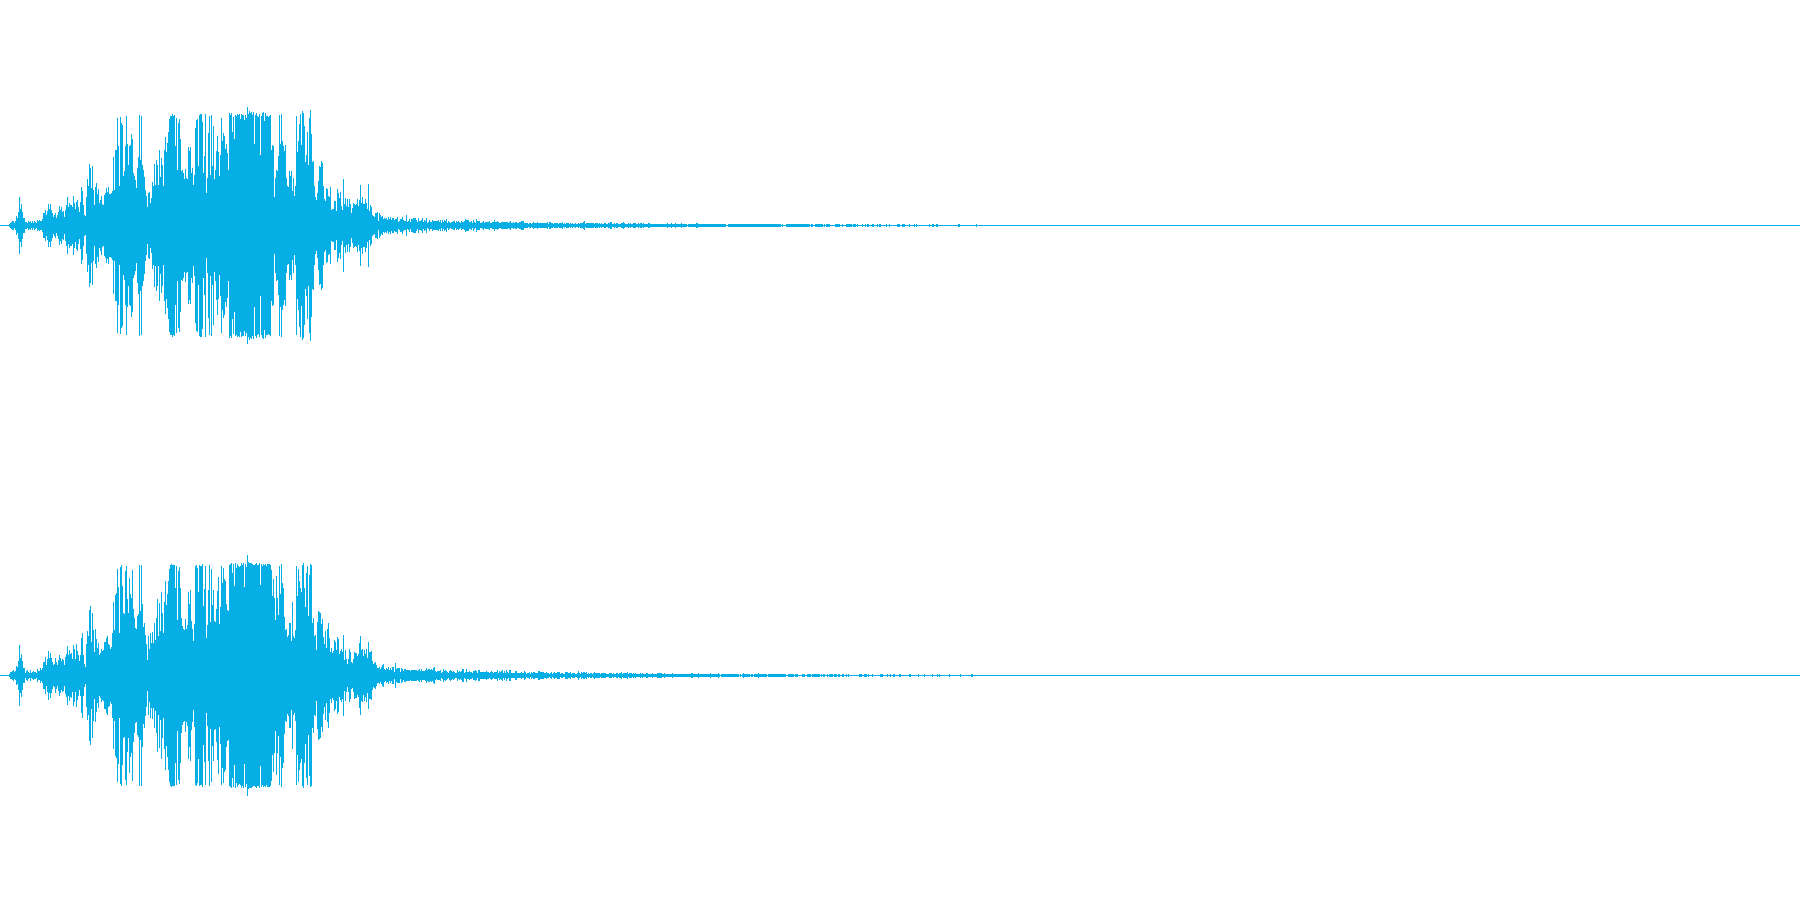 マント-1 (バサッ)の再生済みの波形